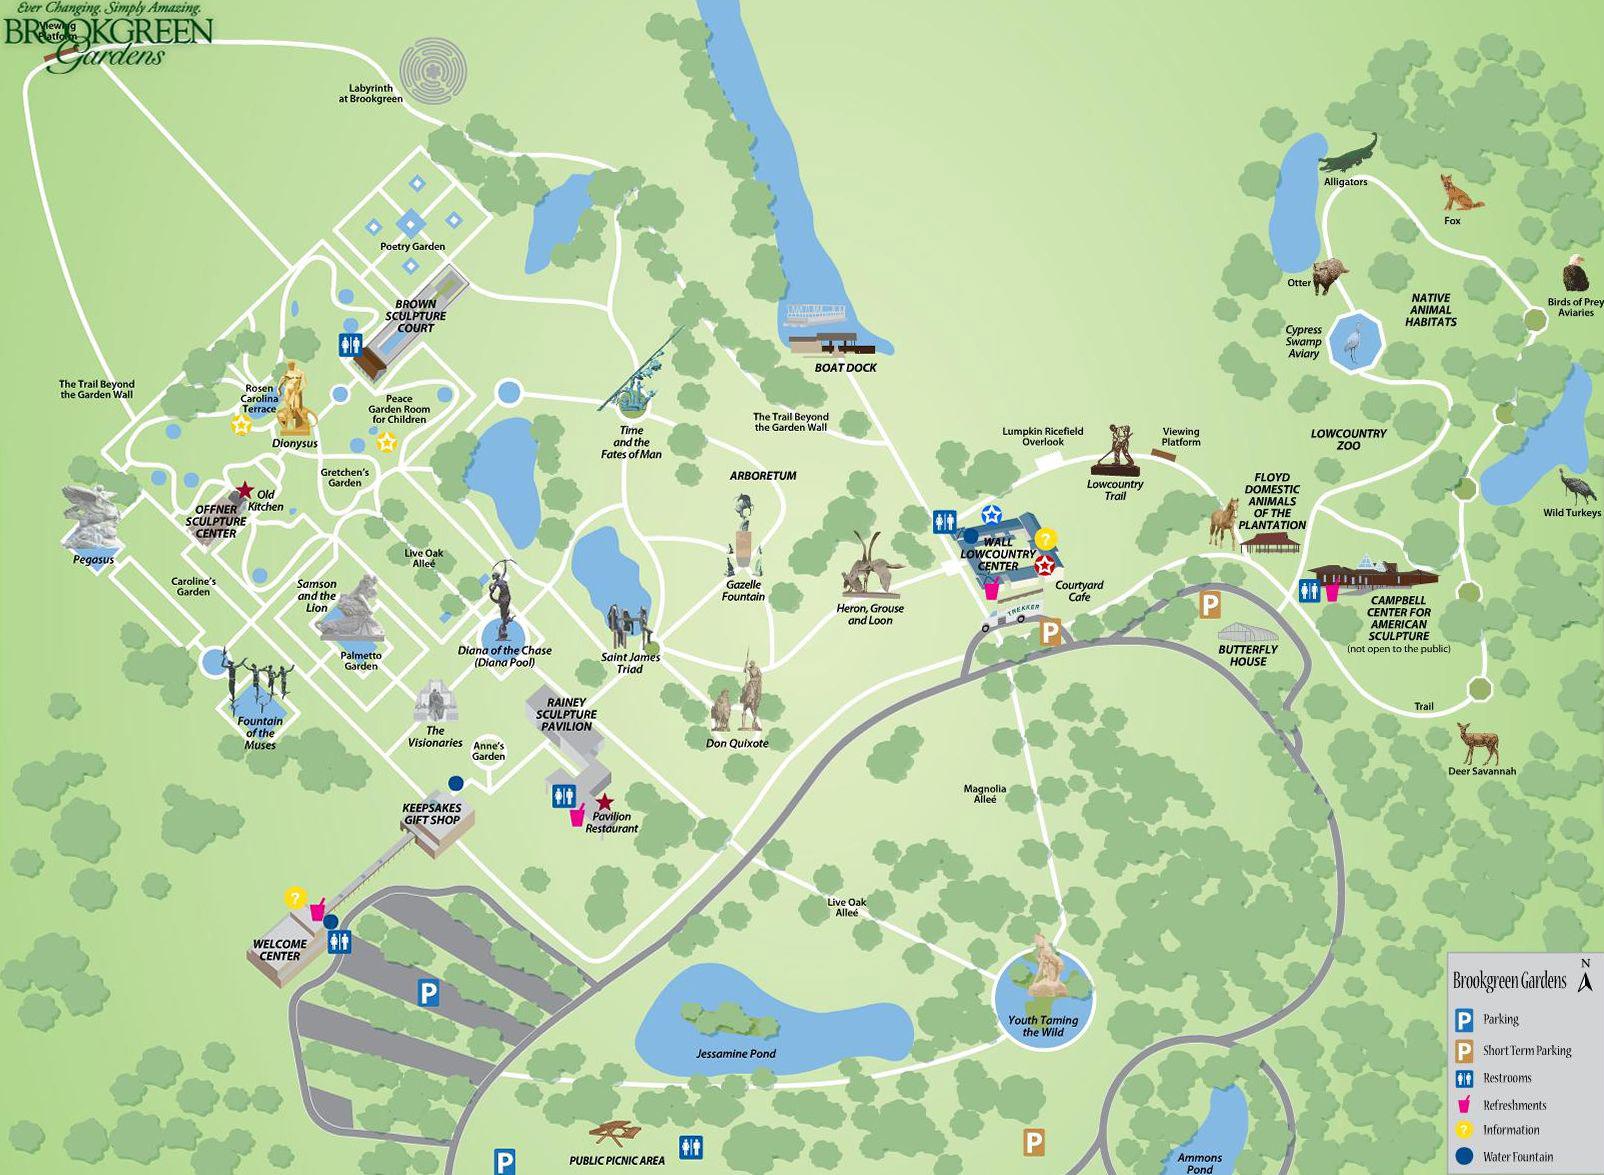 Map Of Brookgreen Gardens